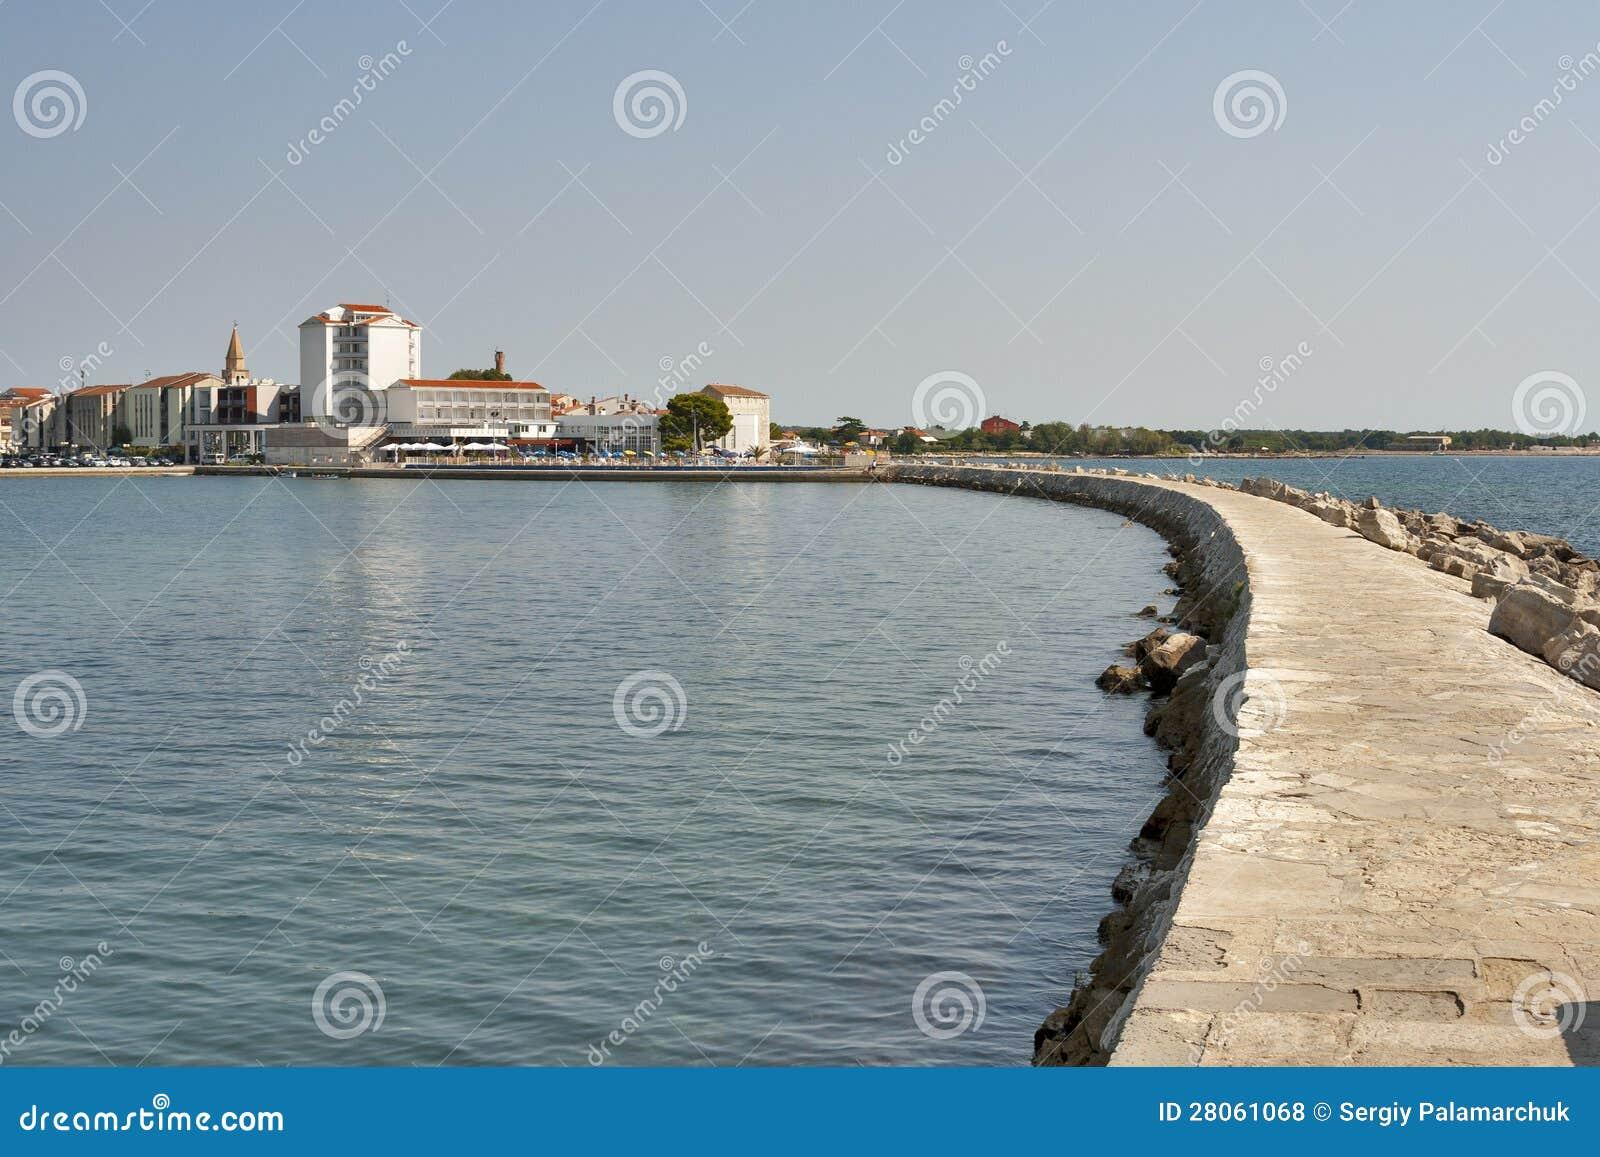 Umag breakwater